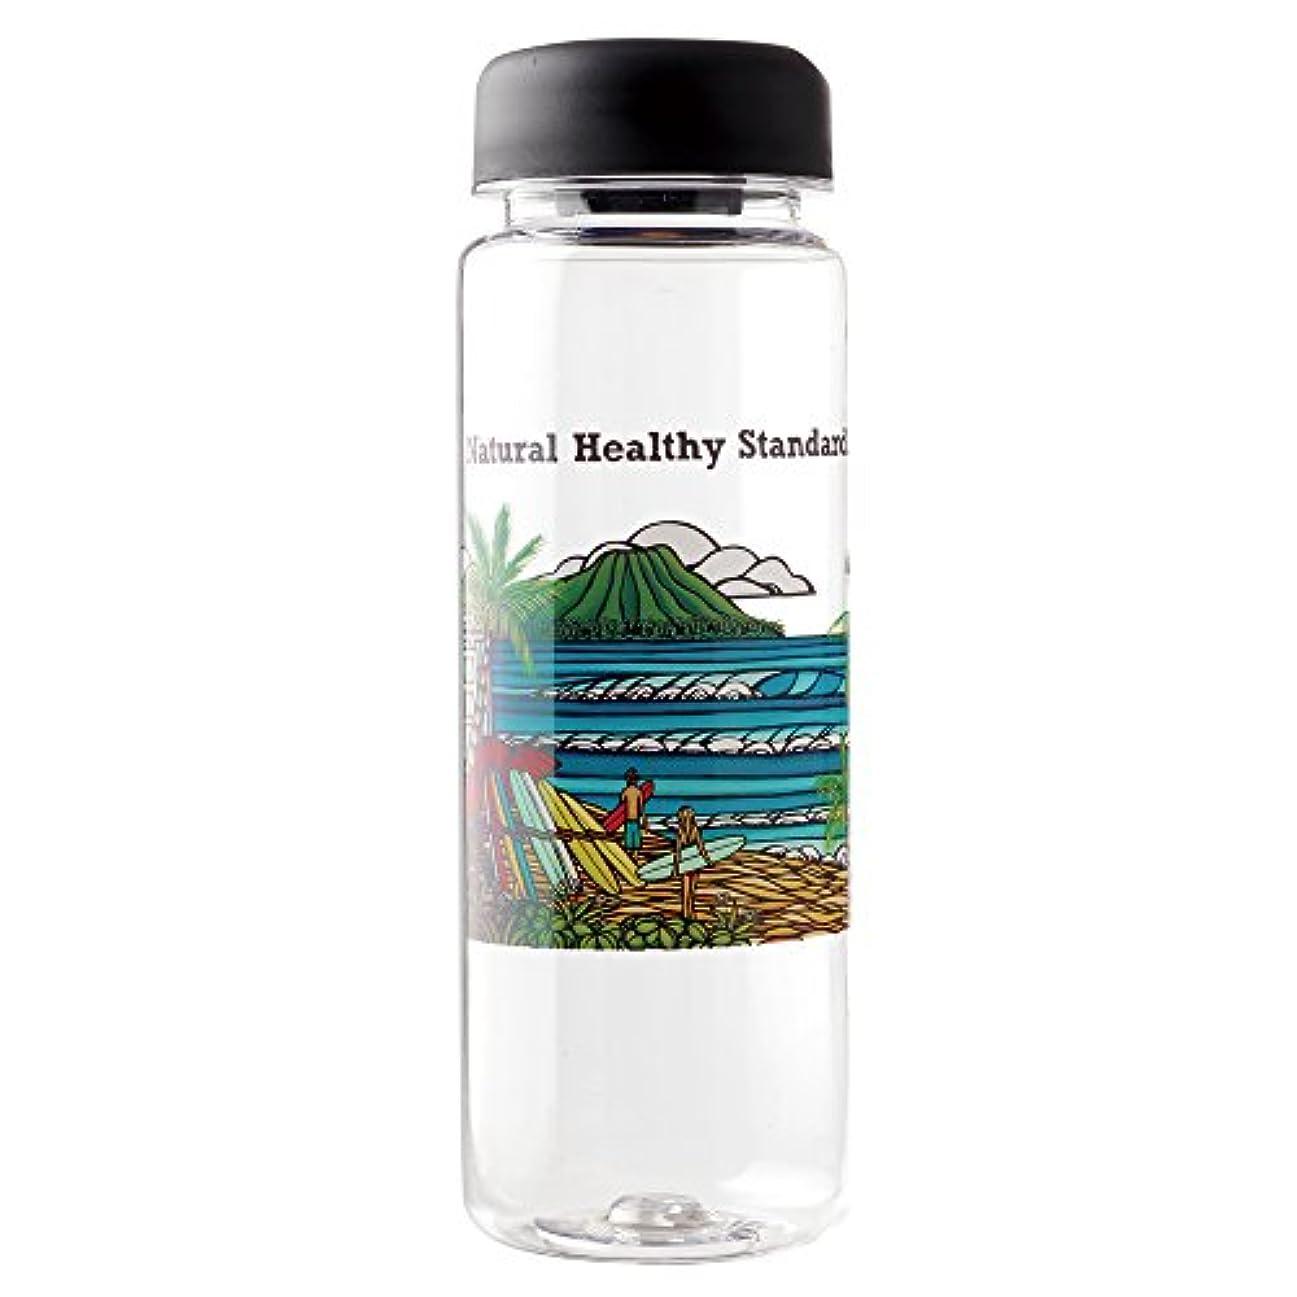 タクトスープ酔うNatural Healthy Standard ロゴ入りドリンクボトル(ヘザーブラウンモデル) 500ml